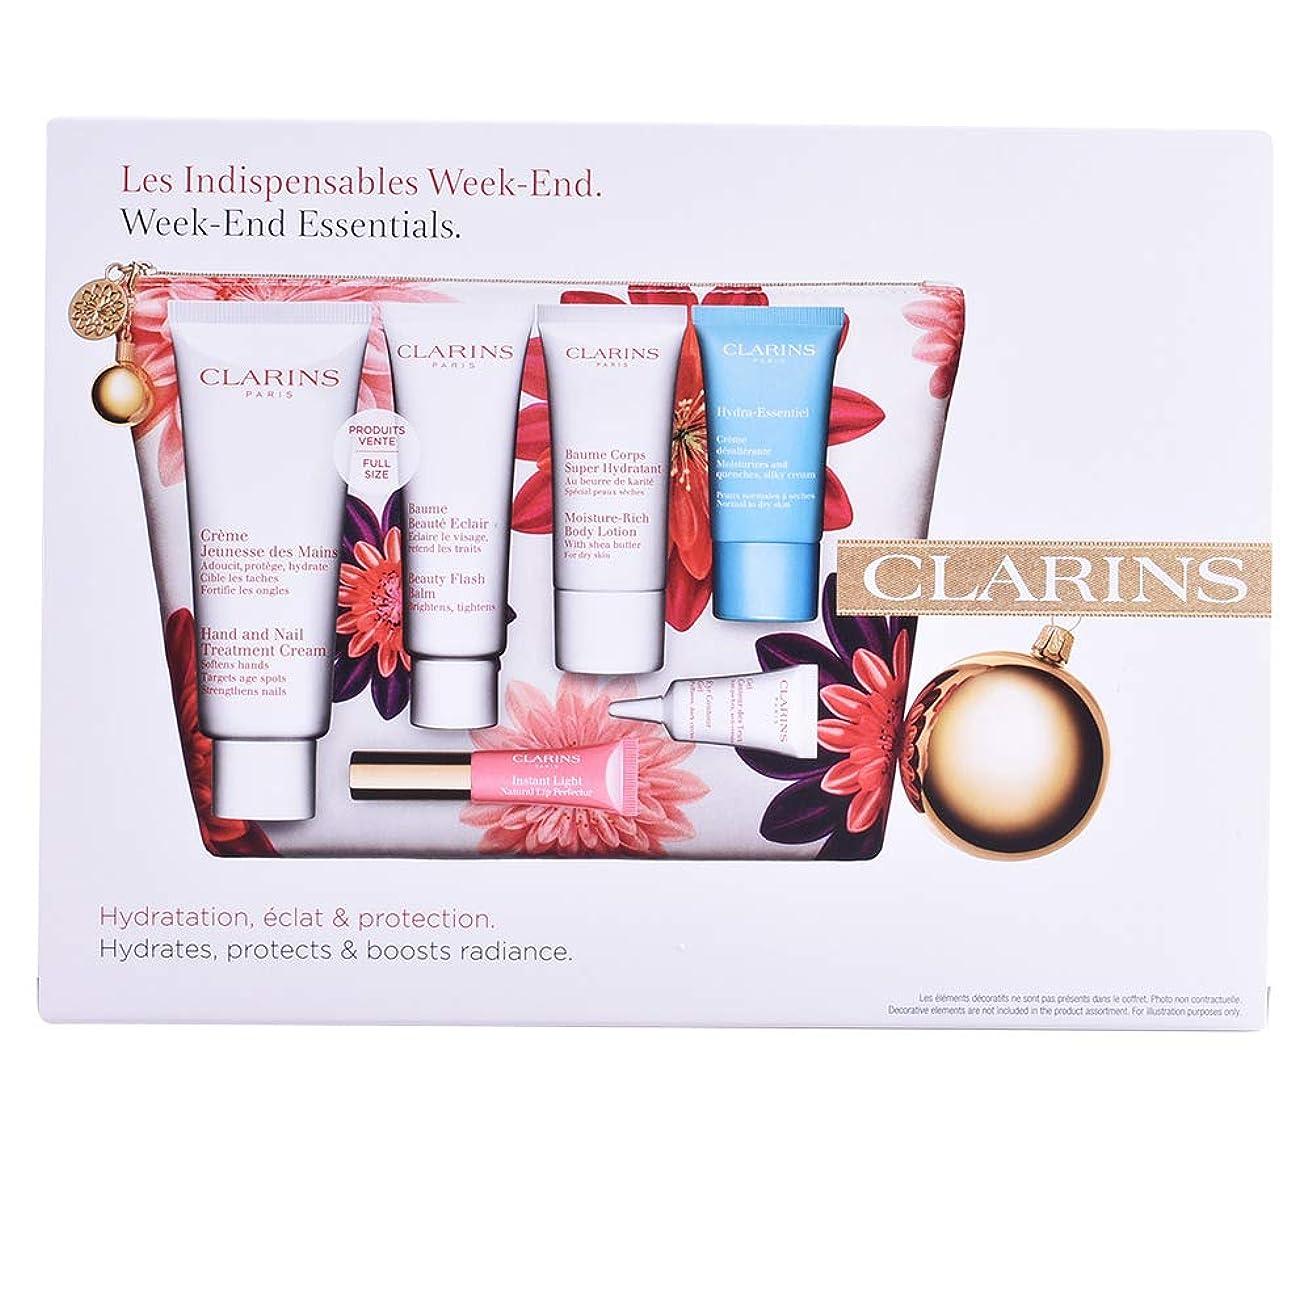 のホスト懲戒硫黄クラランス Week-End Essentials: Hand & Nail Cream+Beauty Flash Balm+Moisture-Rich Body+Eye Contour Gel+Hydra-Essentiel Cream+Lip 6pcs+1bag並行輸入品